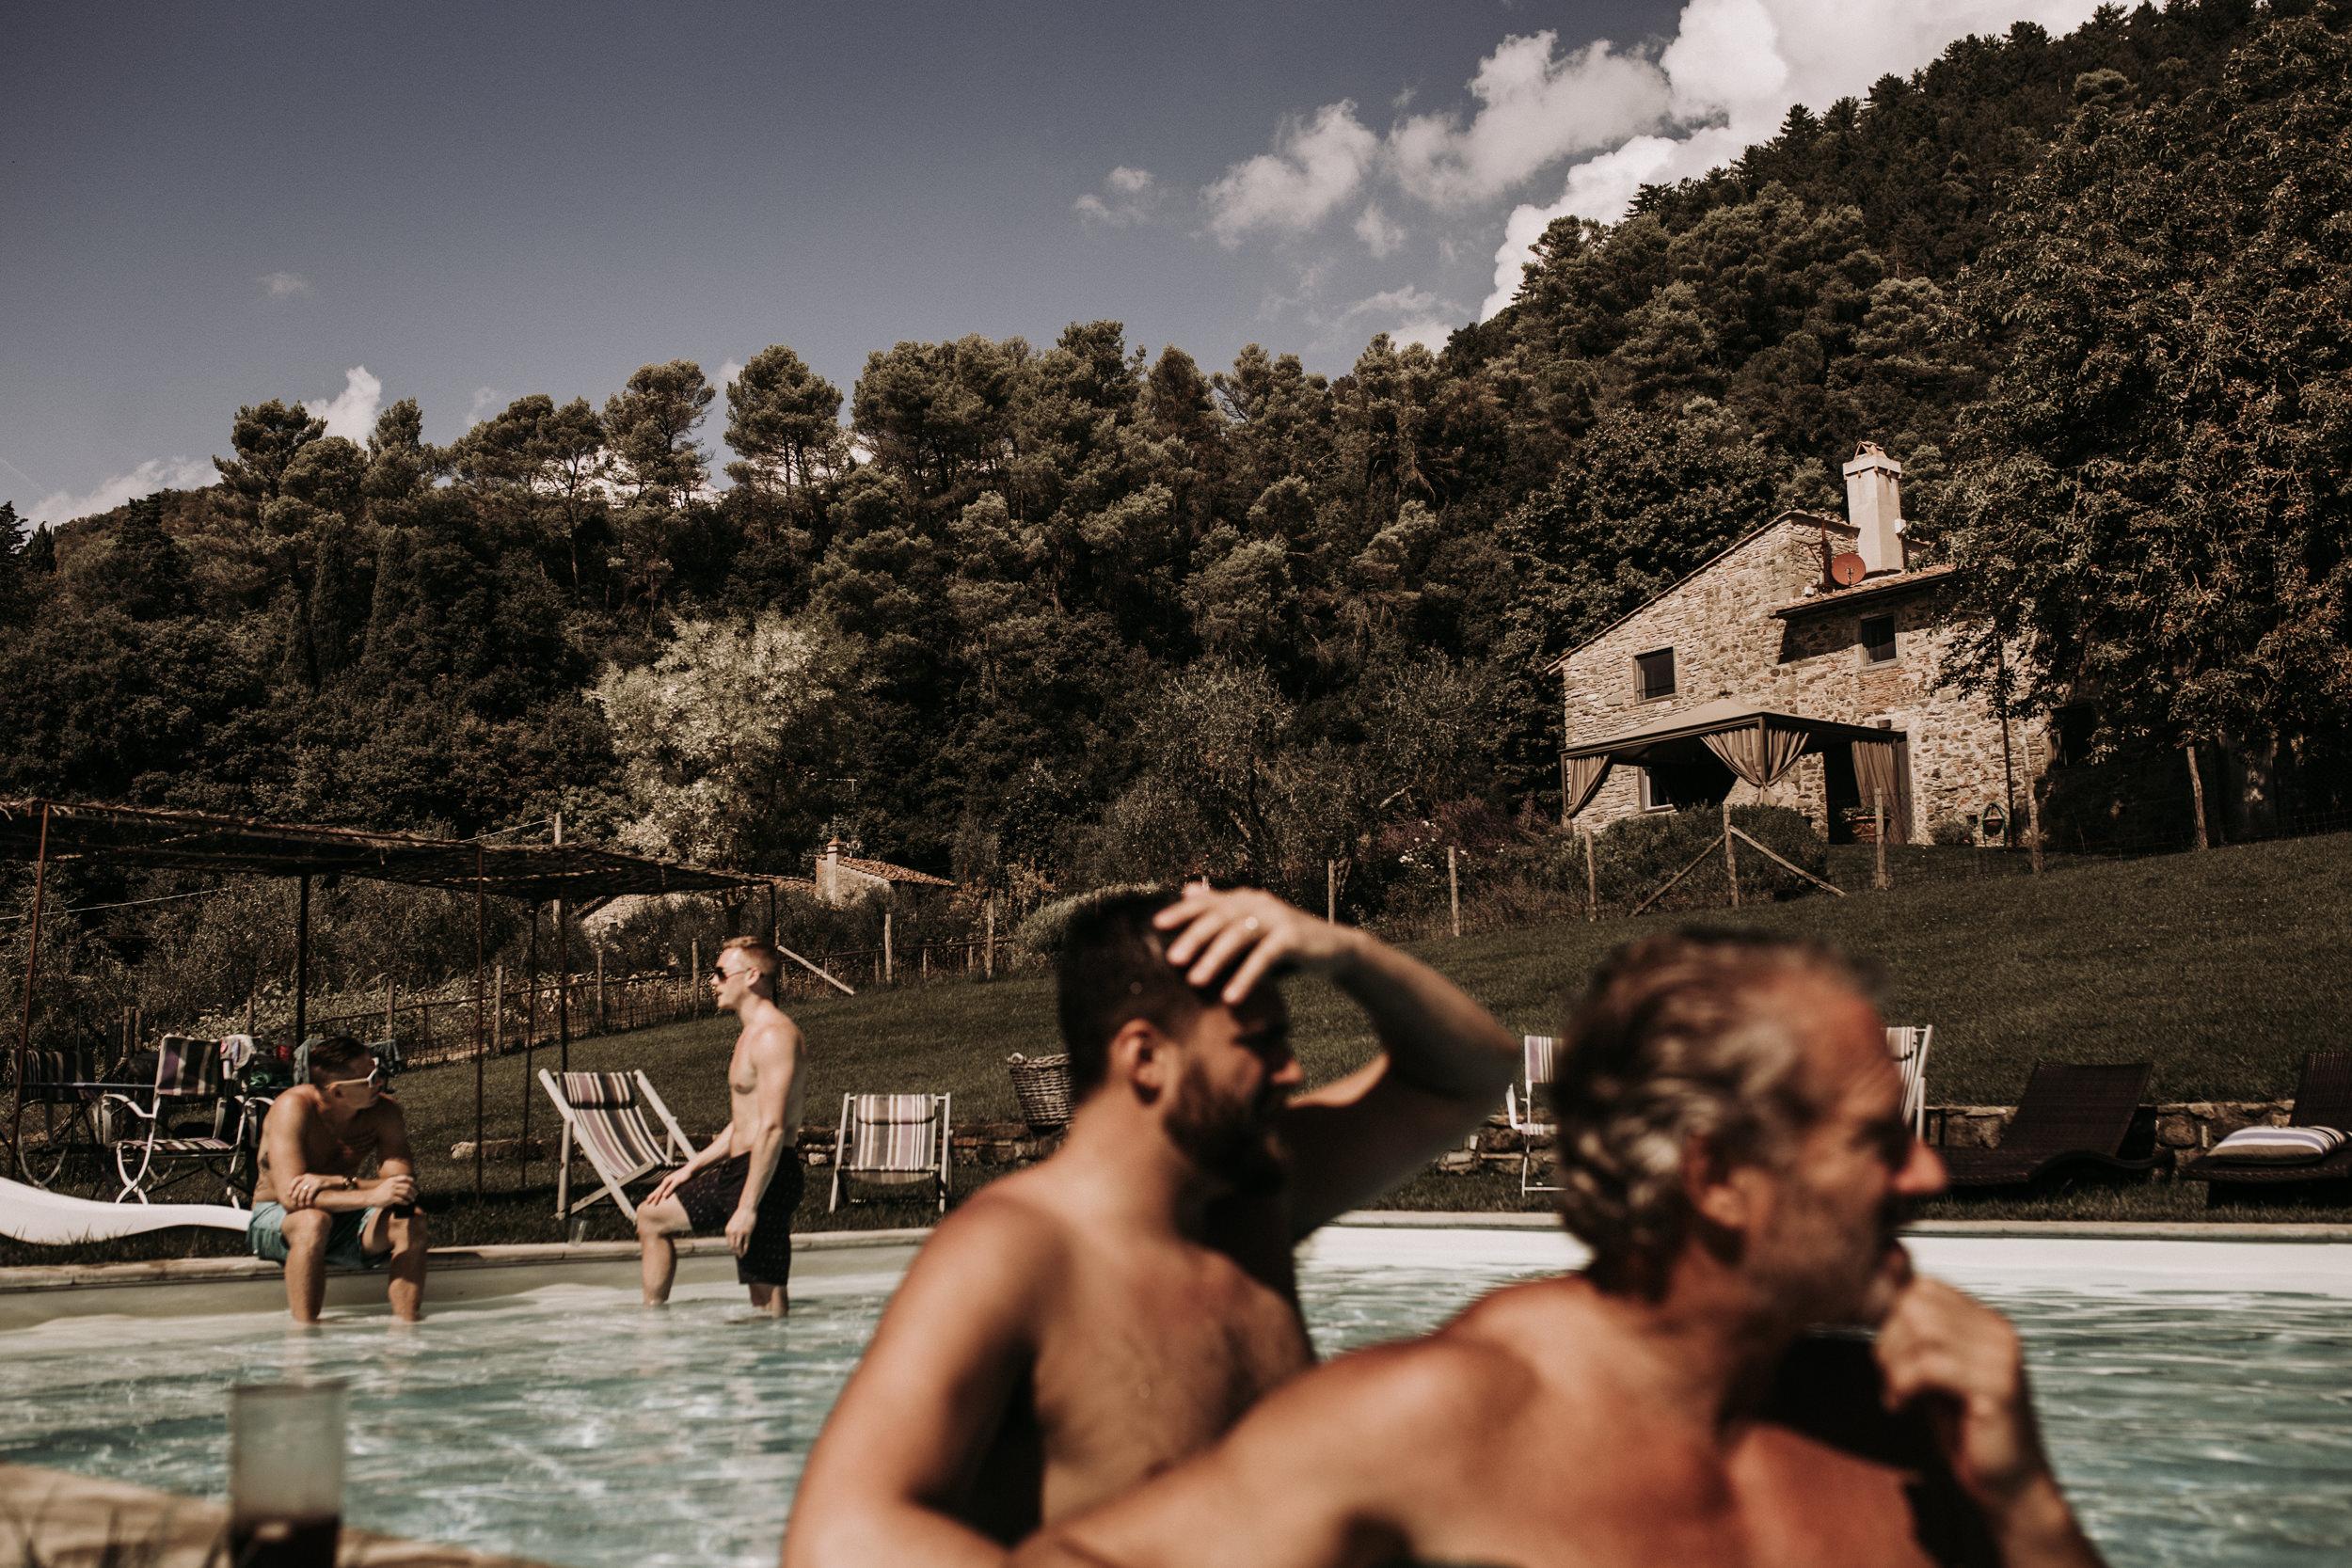 dm_photography_KW_Tuscanyweddingday_41